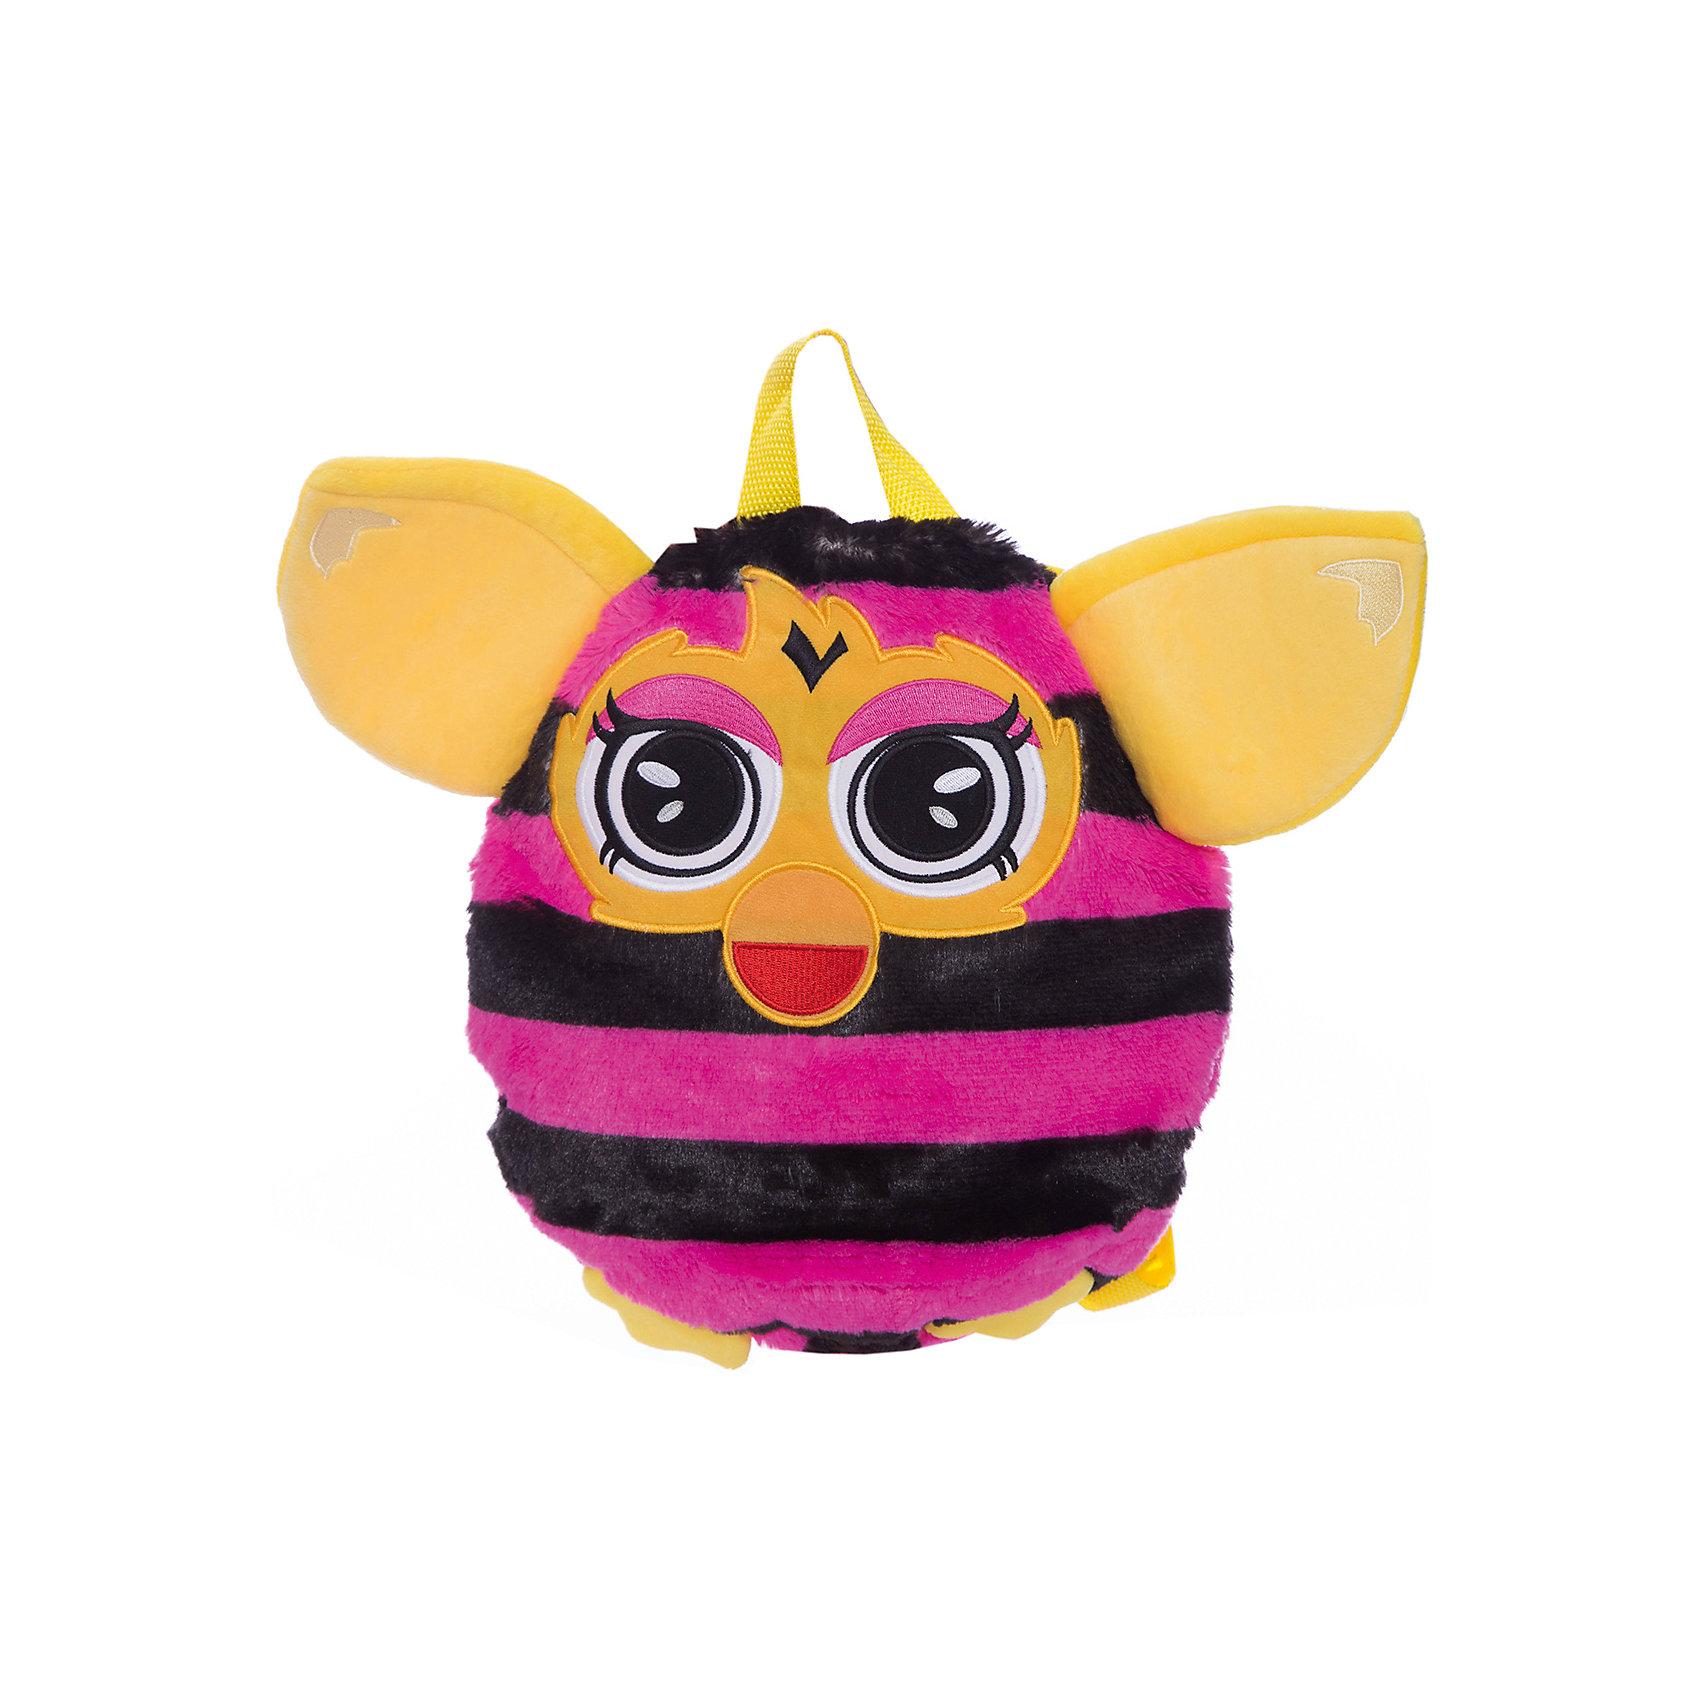 Furby рюкзак 35 см, в полоску, 1ToyЧудесный плюшевый рюкзачок Furby никого не оставит равнодушным. Он замечательно подойдет для прогулок, поездок и путешествий, а также в качестве забавной мягкой игрушки. Рюкзак выполнен в виде очаровательного Ферби и его внешний вид абсолютно идентичен популярной интерактивной игрушке. У Ферби яркая расцветка в розовую и черную полосочку, желтые ушки и лапки. Качественный плюшевый материал рюкзачка очень мягкий и приятный на ощупь. Внутри одно вместительное отделение, куда ребенок сможет положить все необходимые на прогулке вещи. Рюкзак оснащен удобной текстильной ручкой для переноски в руках.<br><br>Дополнительная информация:<br><br>- Материал: плюш (хентег).  <br>- Длина рюкзака: 35 см.<br>- Общие размеры: 35 х 28 х 3 см.<br>- Вес: 181 гр.<br><br>Furby рюкзак 35 см., в полоску, 1Toy, можно купить в нашем интернет-магазине.<br><br>Ширина мм: 350<br>Глубина мм: 280<br>Высота мм: 30<br>Вес г: 181<br>Возраст от месяцев: 24<br>Возраст до месяцев: 60<br>Пол: Унисекс<br>Возраст: Детский<br>SKU: 4627948